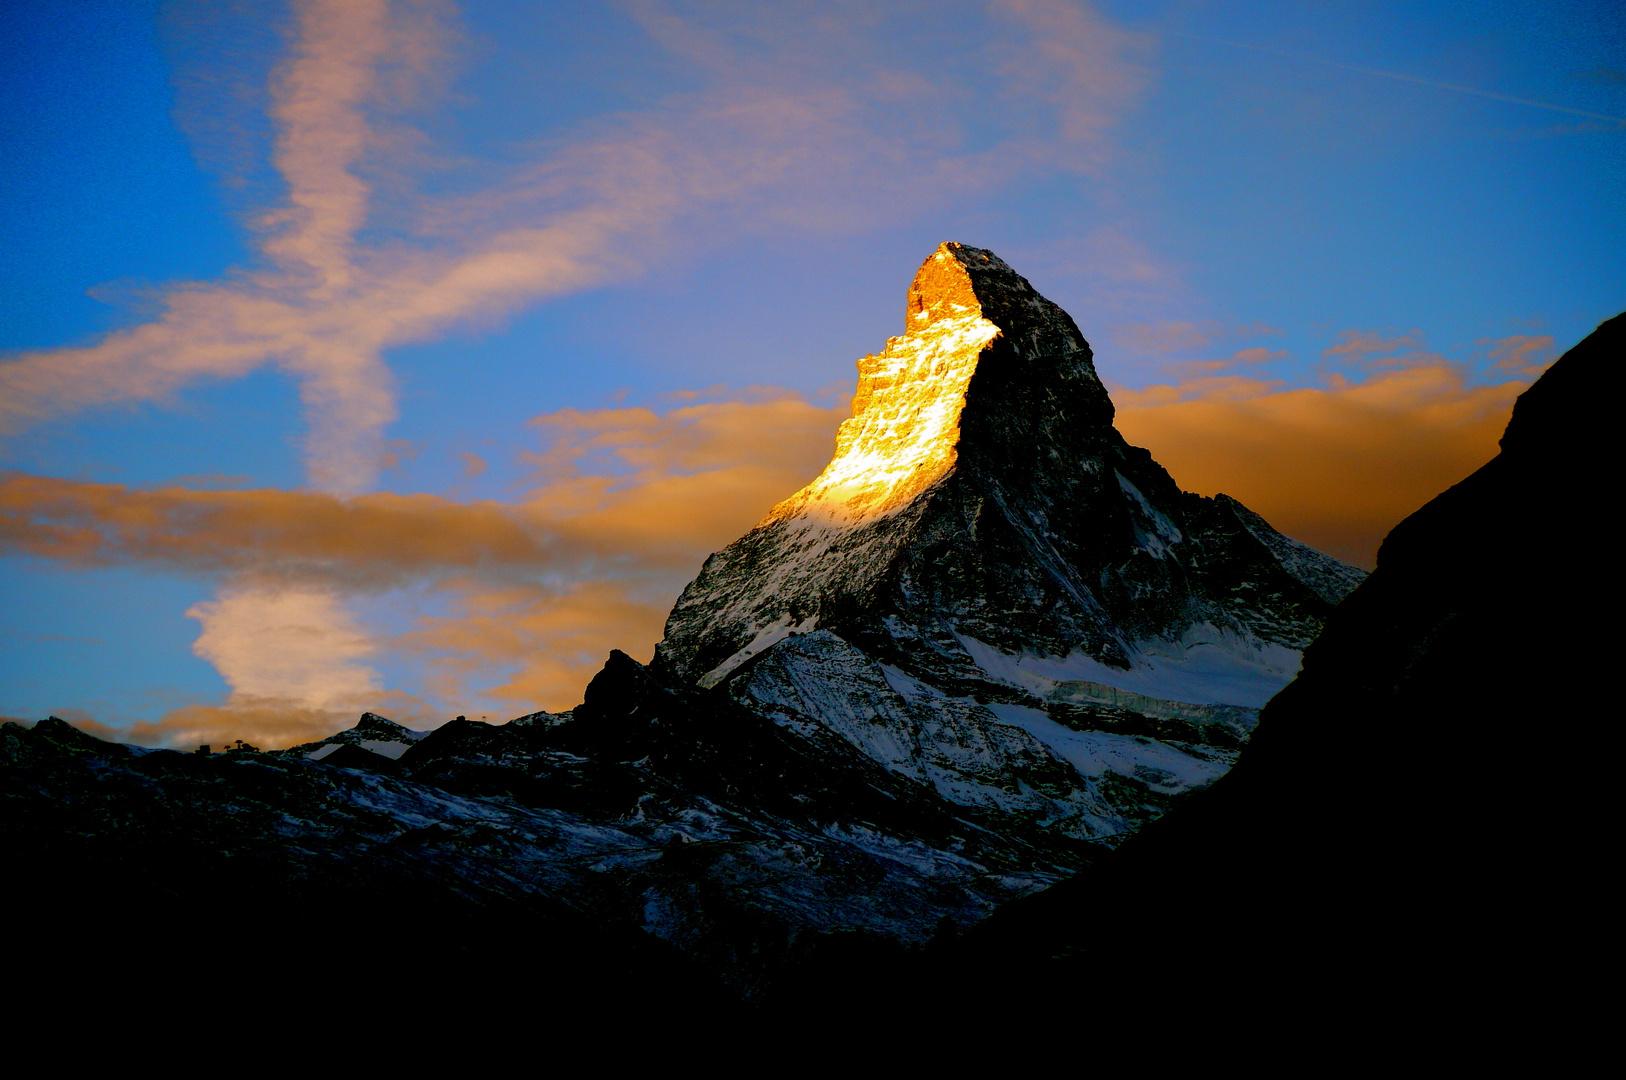 Himmelszeichen am Matterhorn